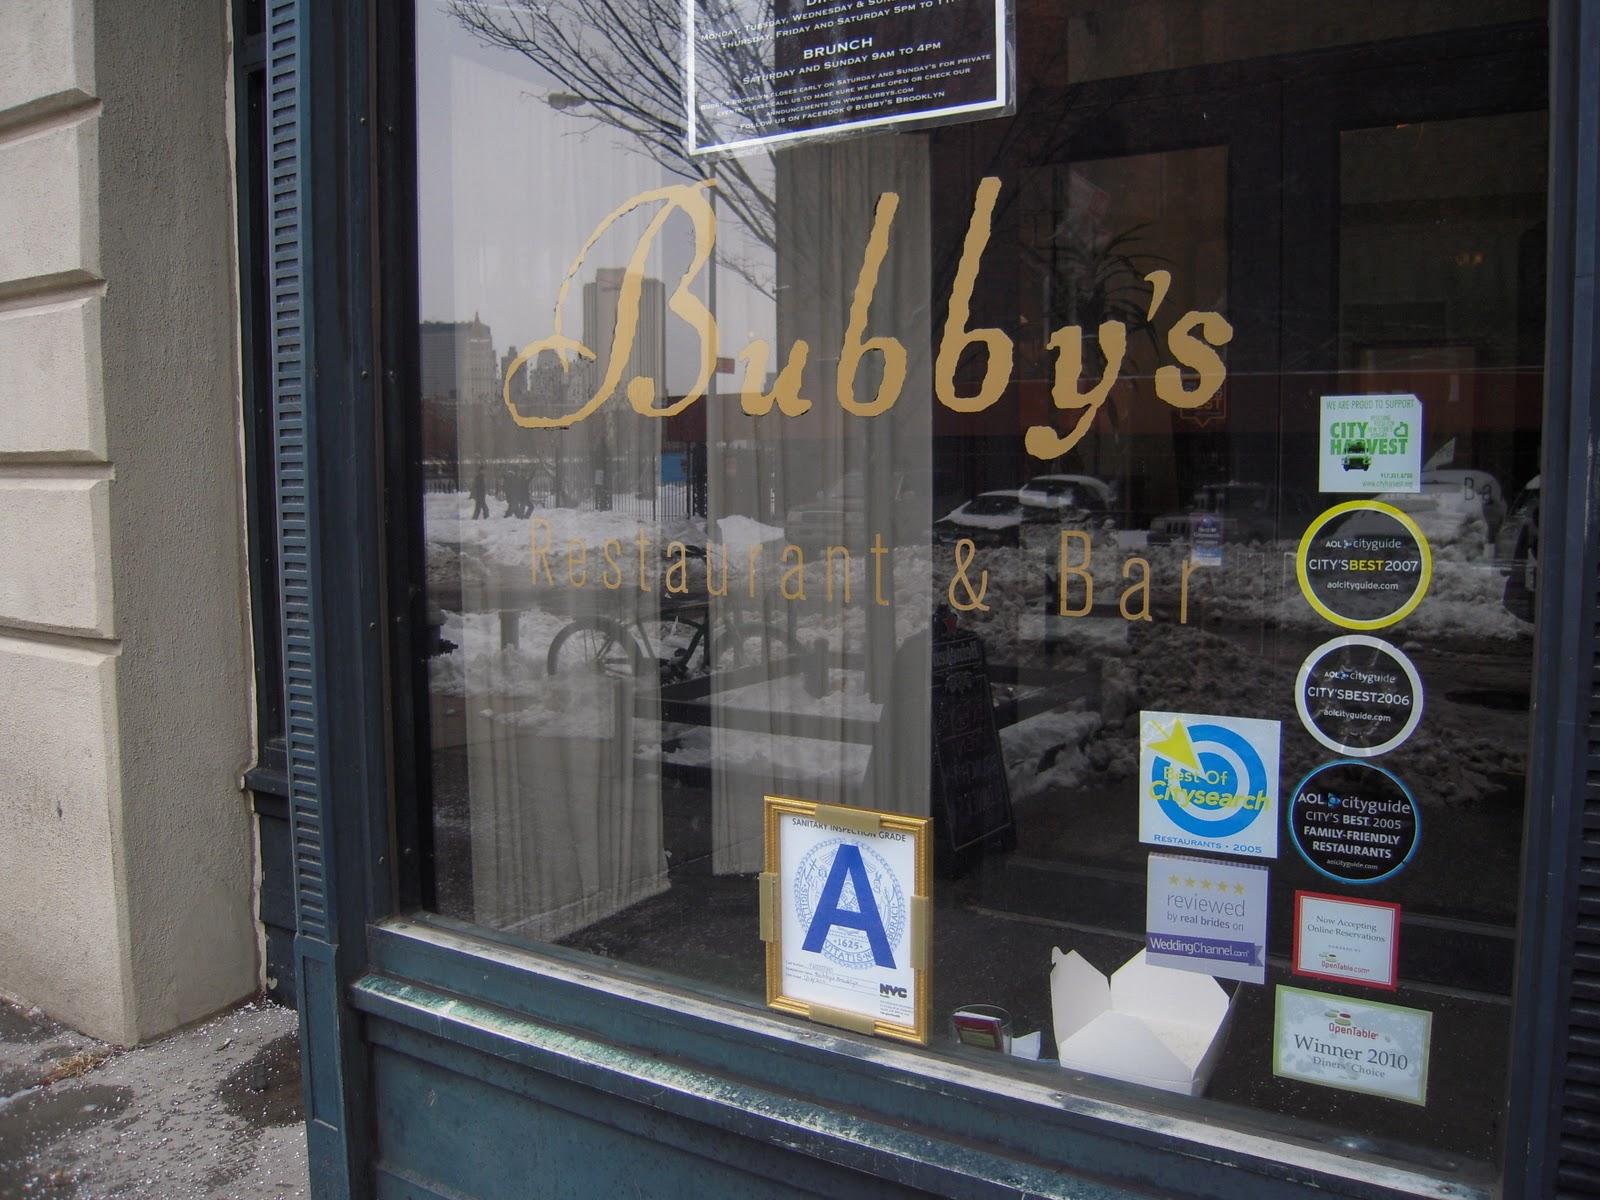 polo bar new york opentable polo ralph lauren tennis shoes